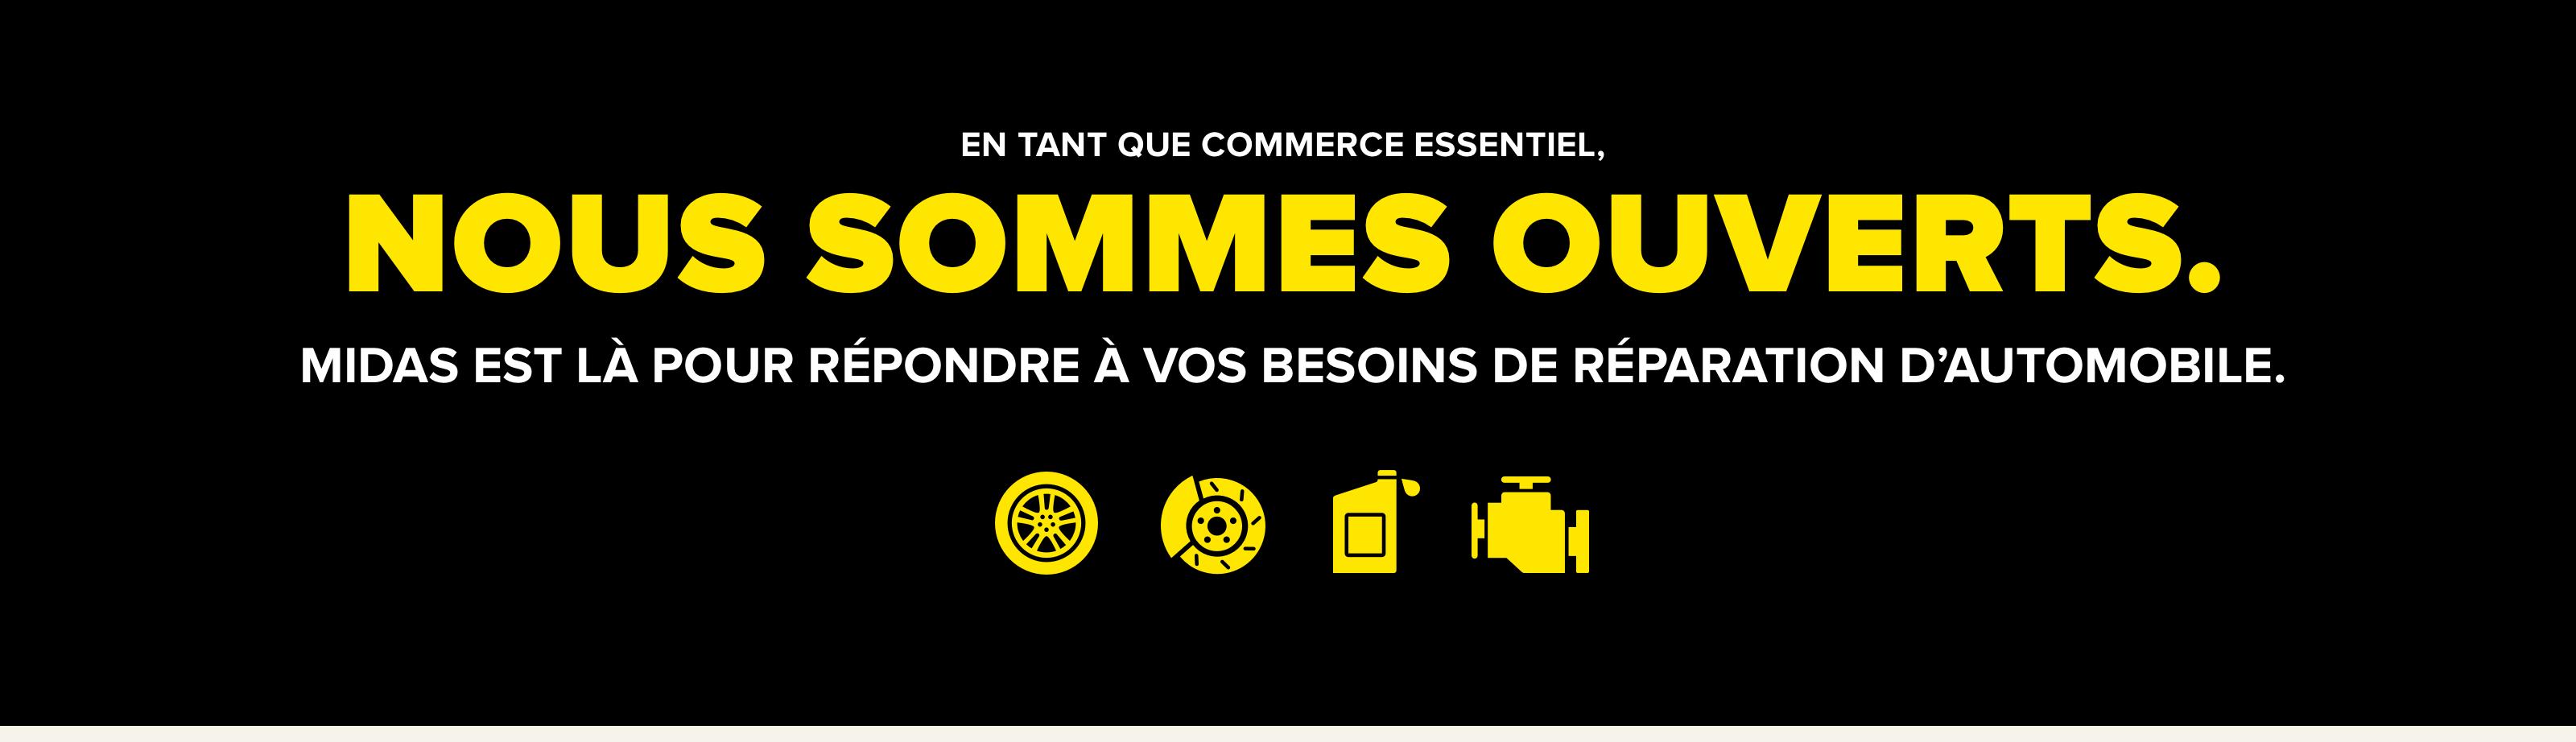 En tant que commerce essentiel, Nous sommes ouverts. Midas est là pour répondre à vos besoins de réparation d'automobile.